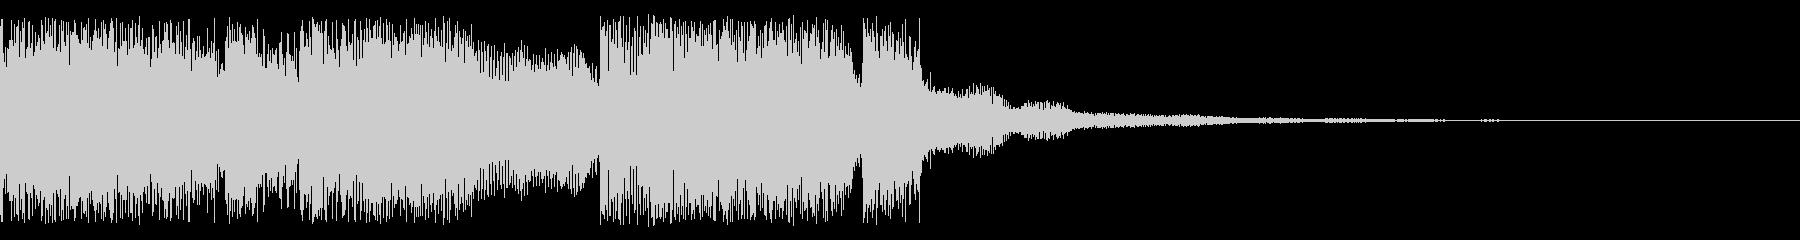 シーン変更時のサウンドの未再生の波形